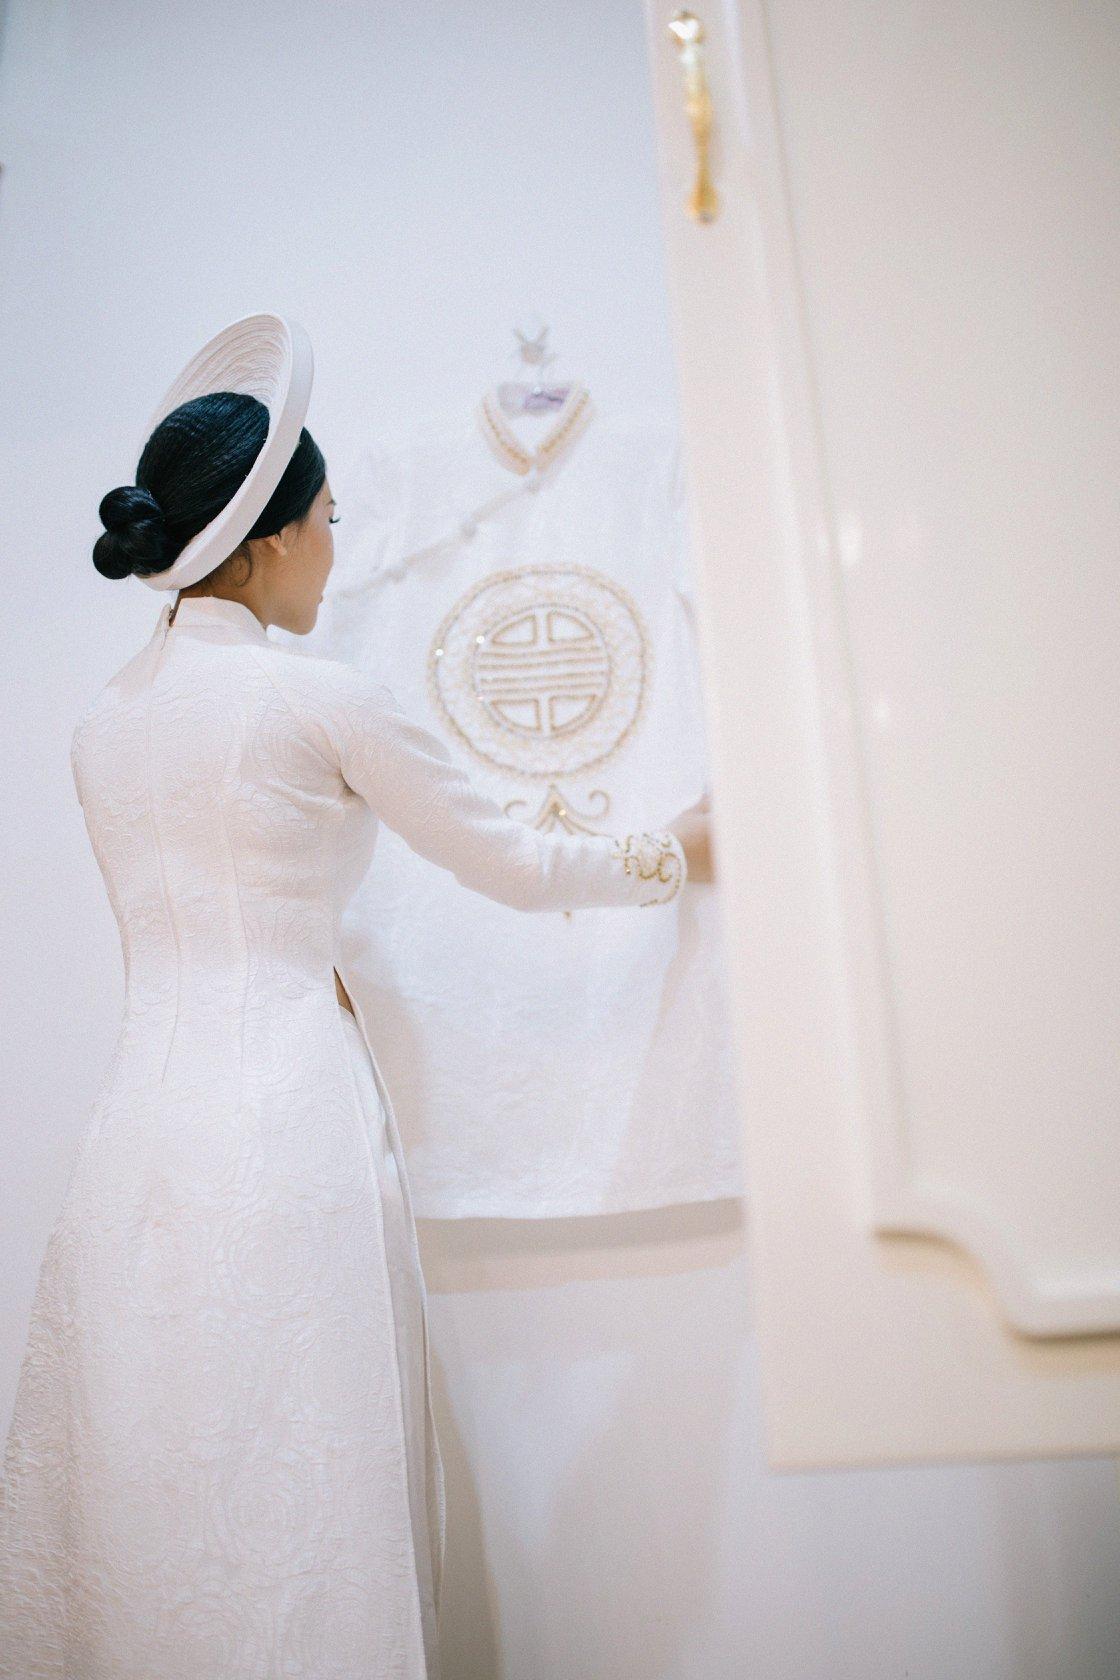 Cô dâu cần chuẩn bị những gì cho ngày cưới? – Làm đẹp toàn diện